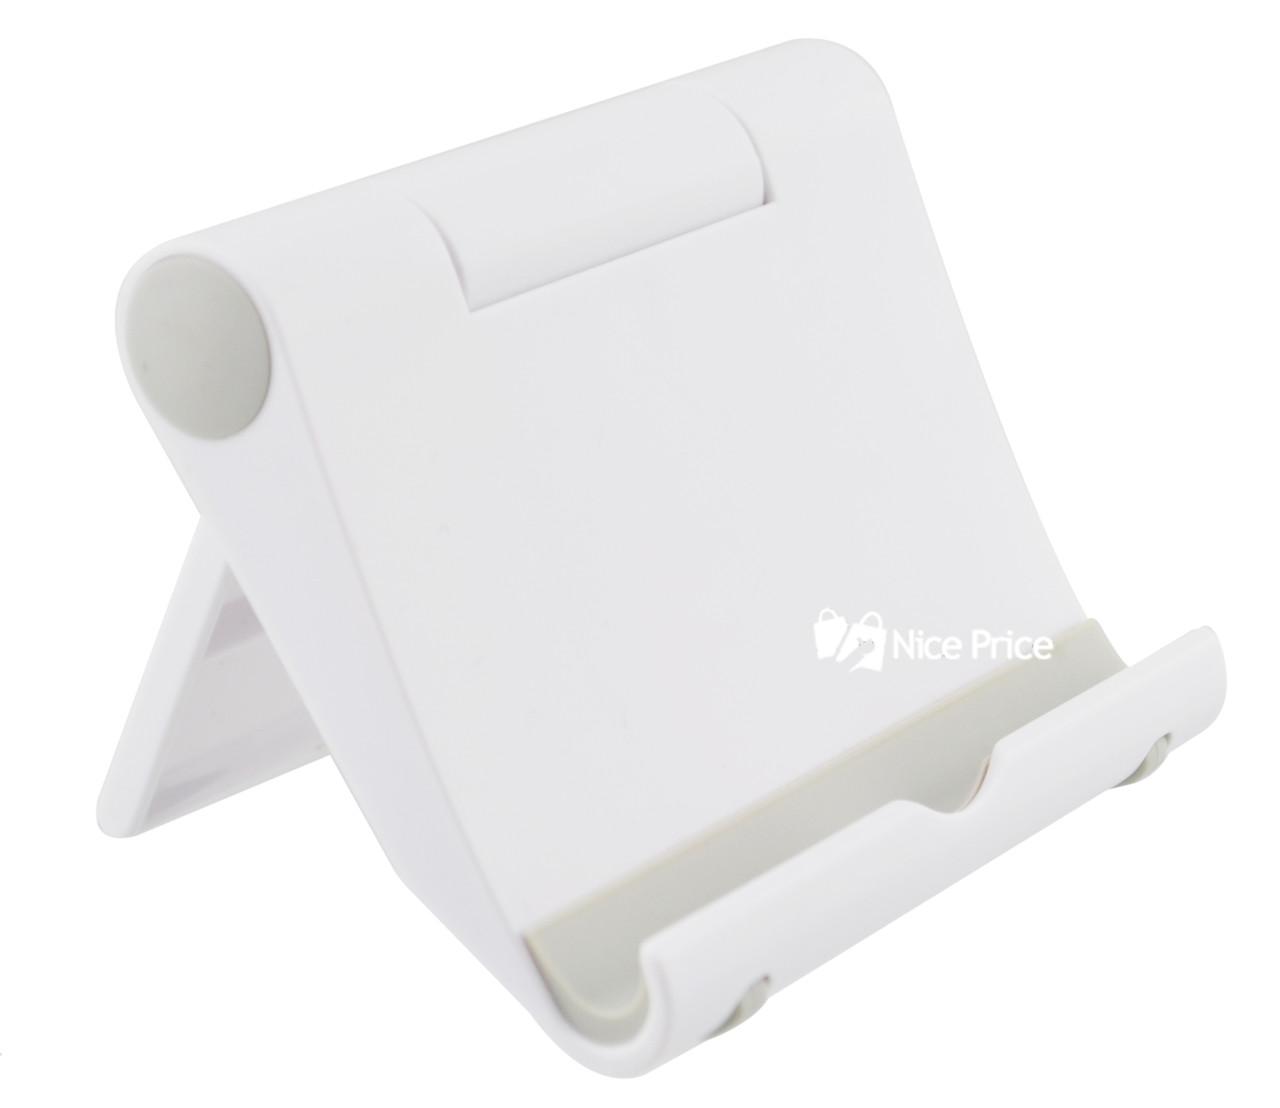 Регулируемая настольная подставка для мобильного телефона (планшета) Dellta 300/300 White